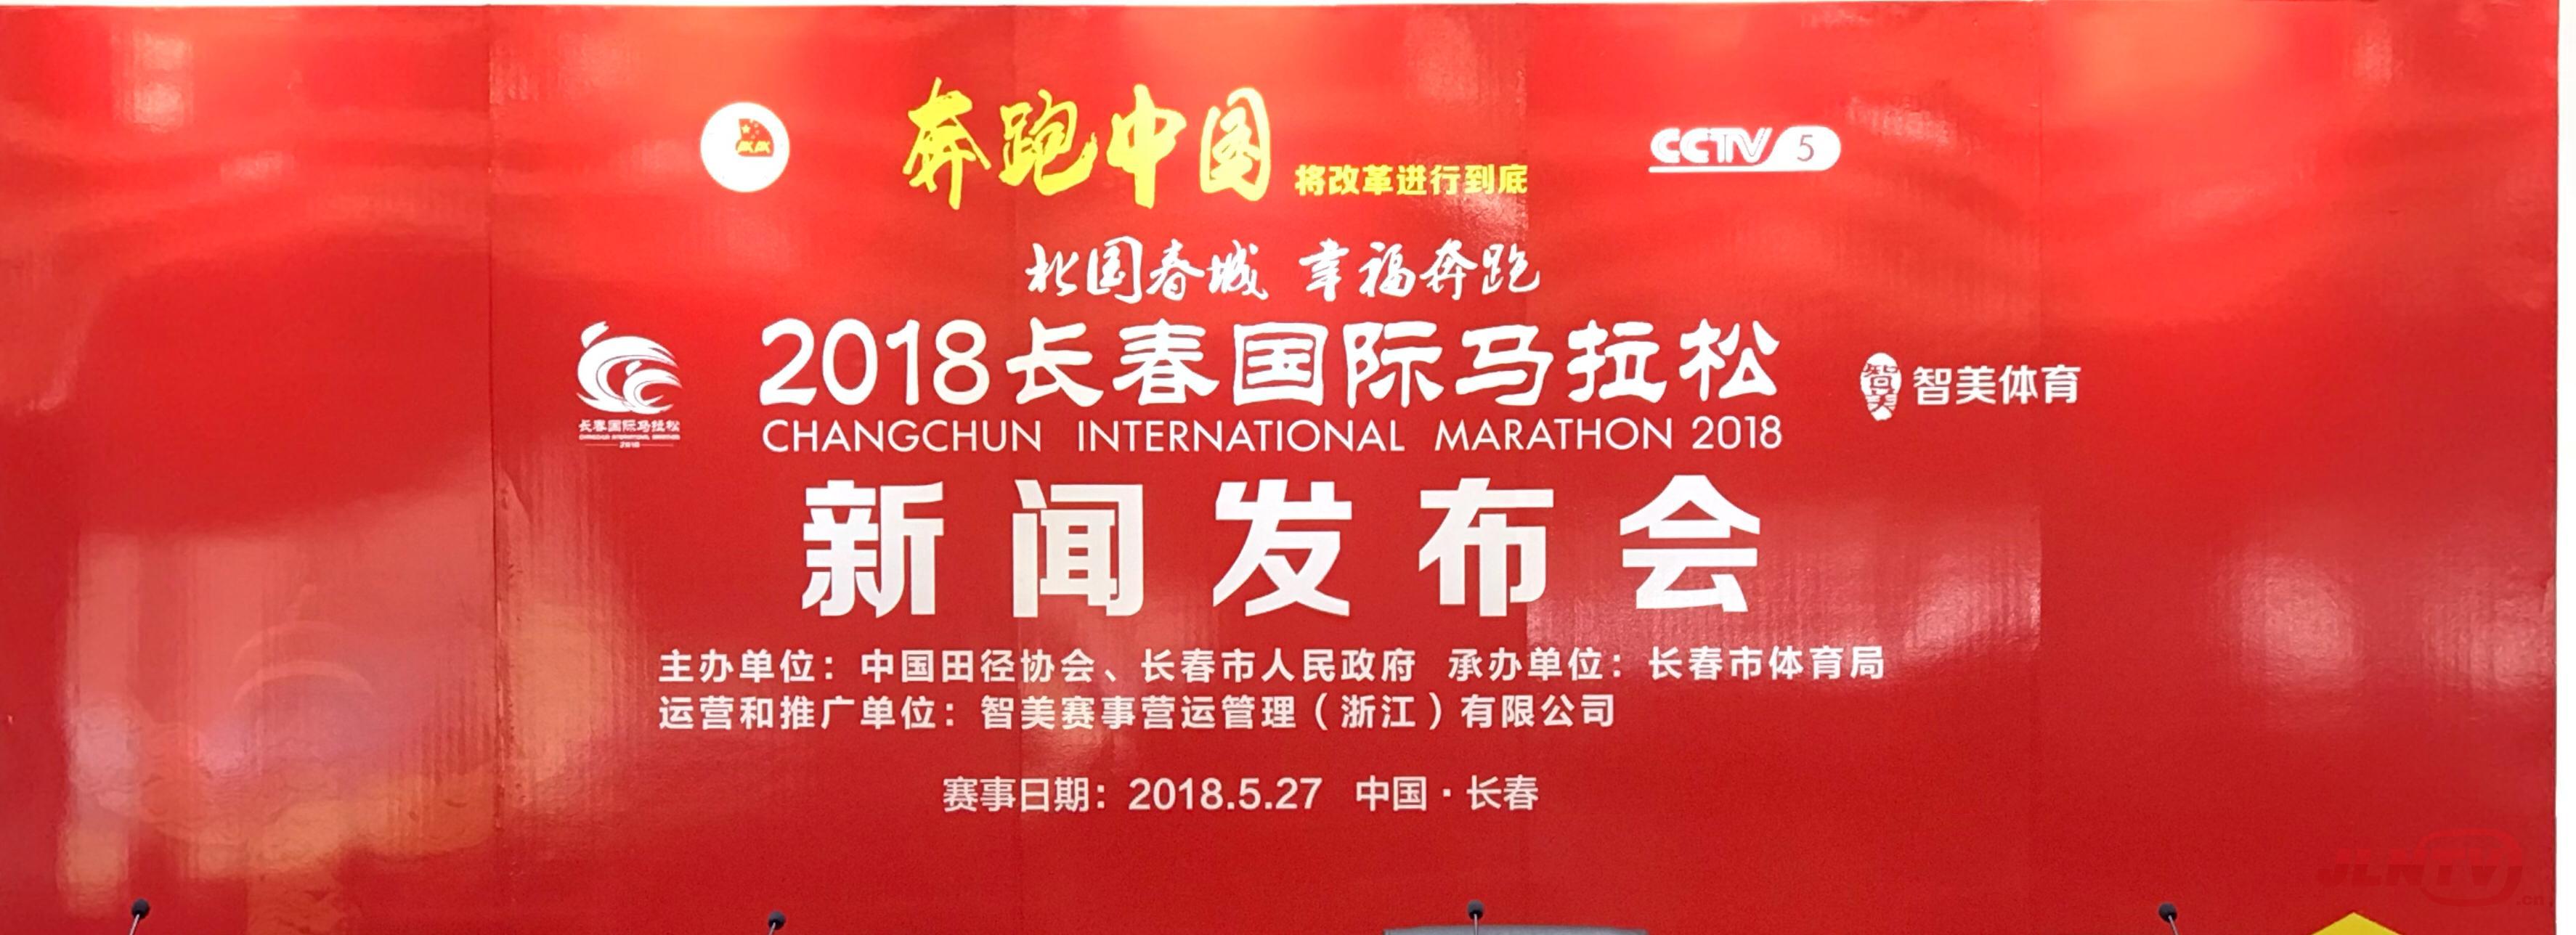 快讯!2018长春国际马拉松今日10点开始报名(附报名方式)